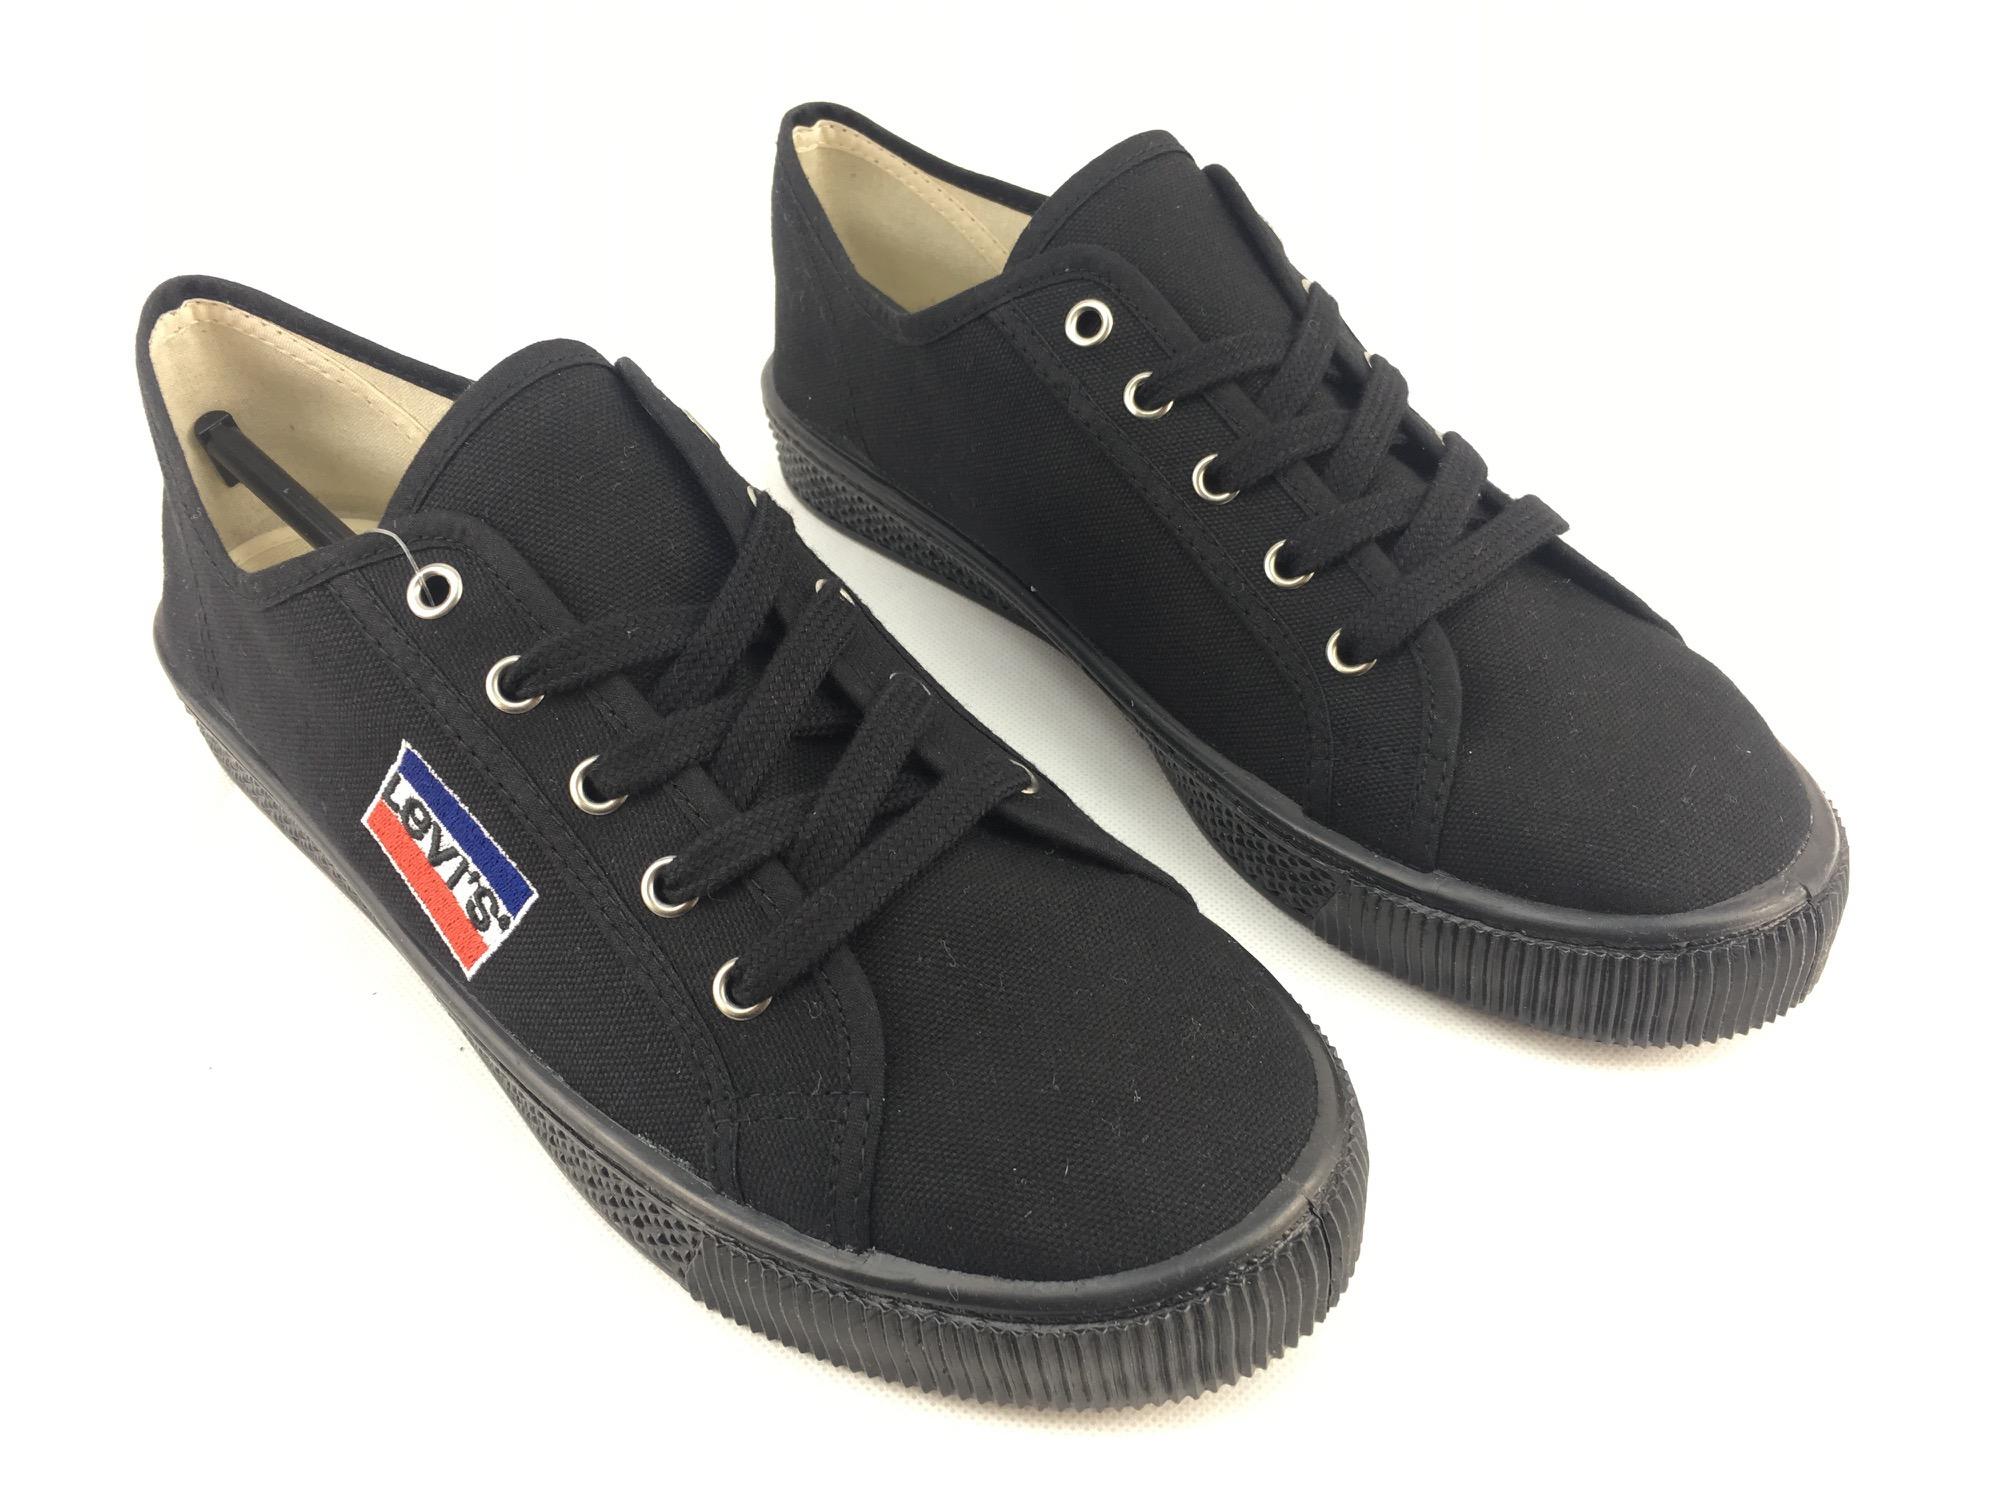 91868824751 Dámské boty Levis Malibu Logo Canva Černé - Glami.cz